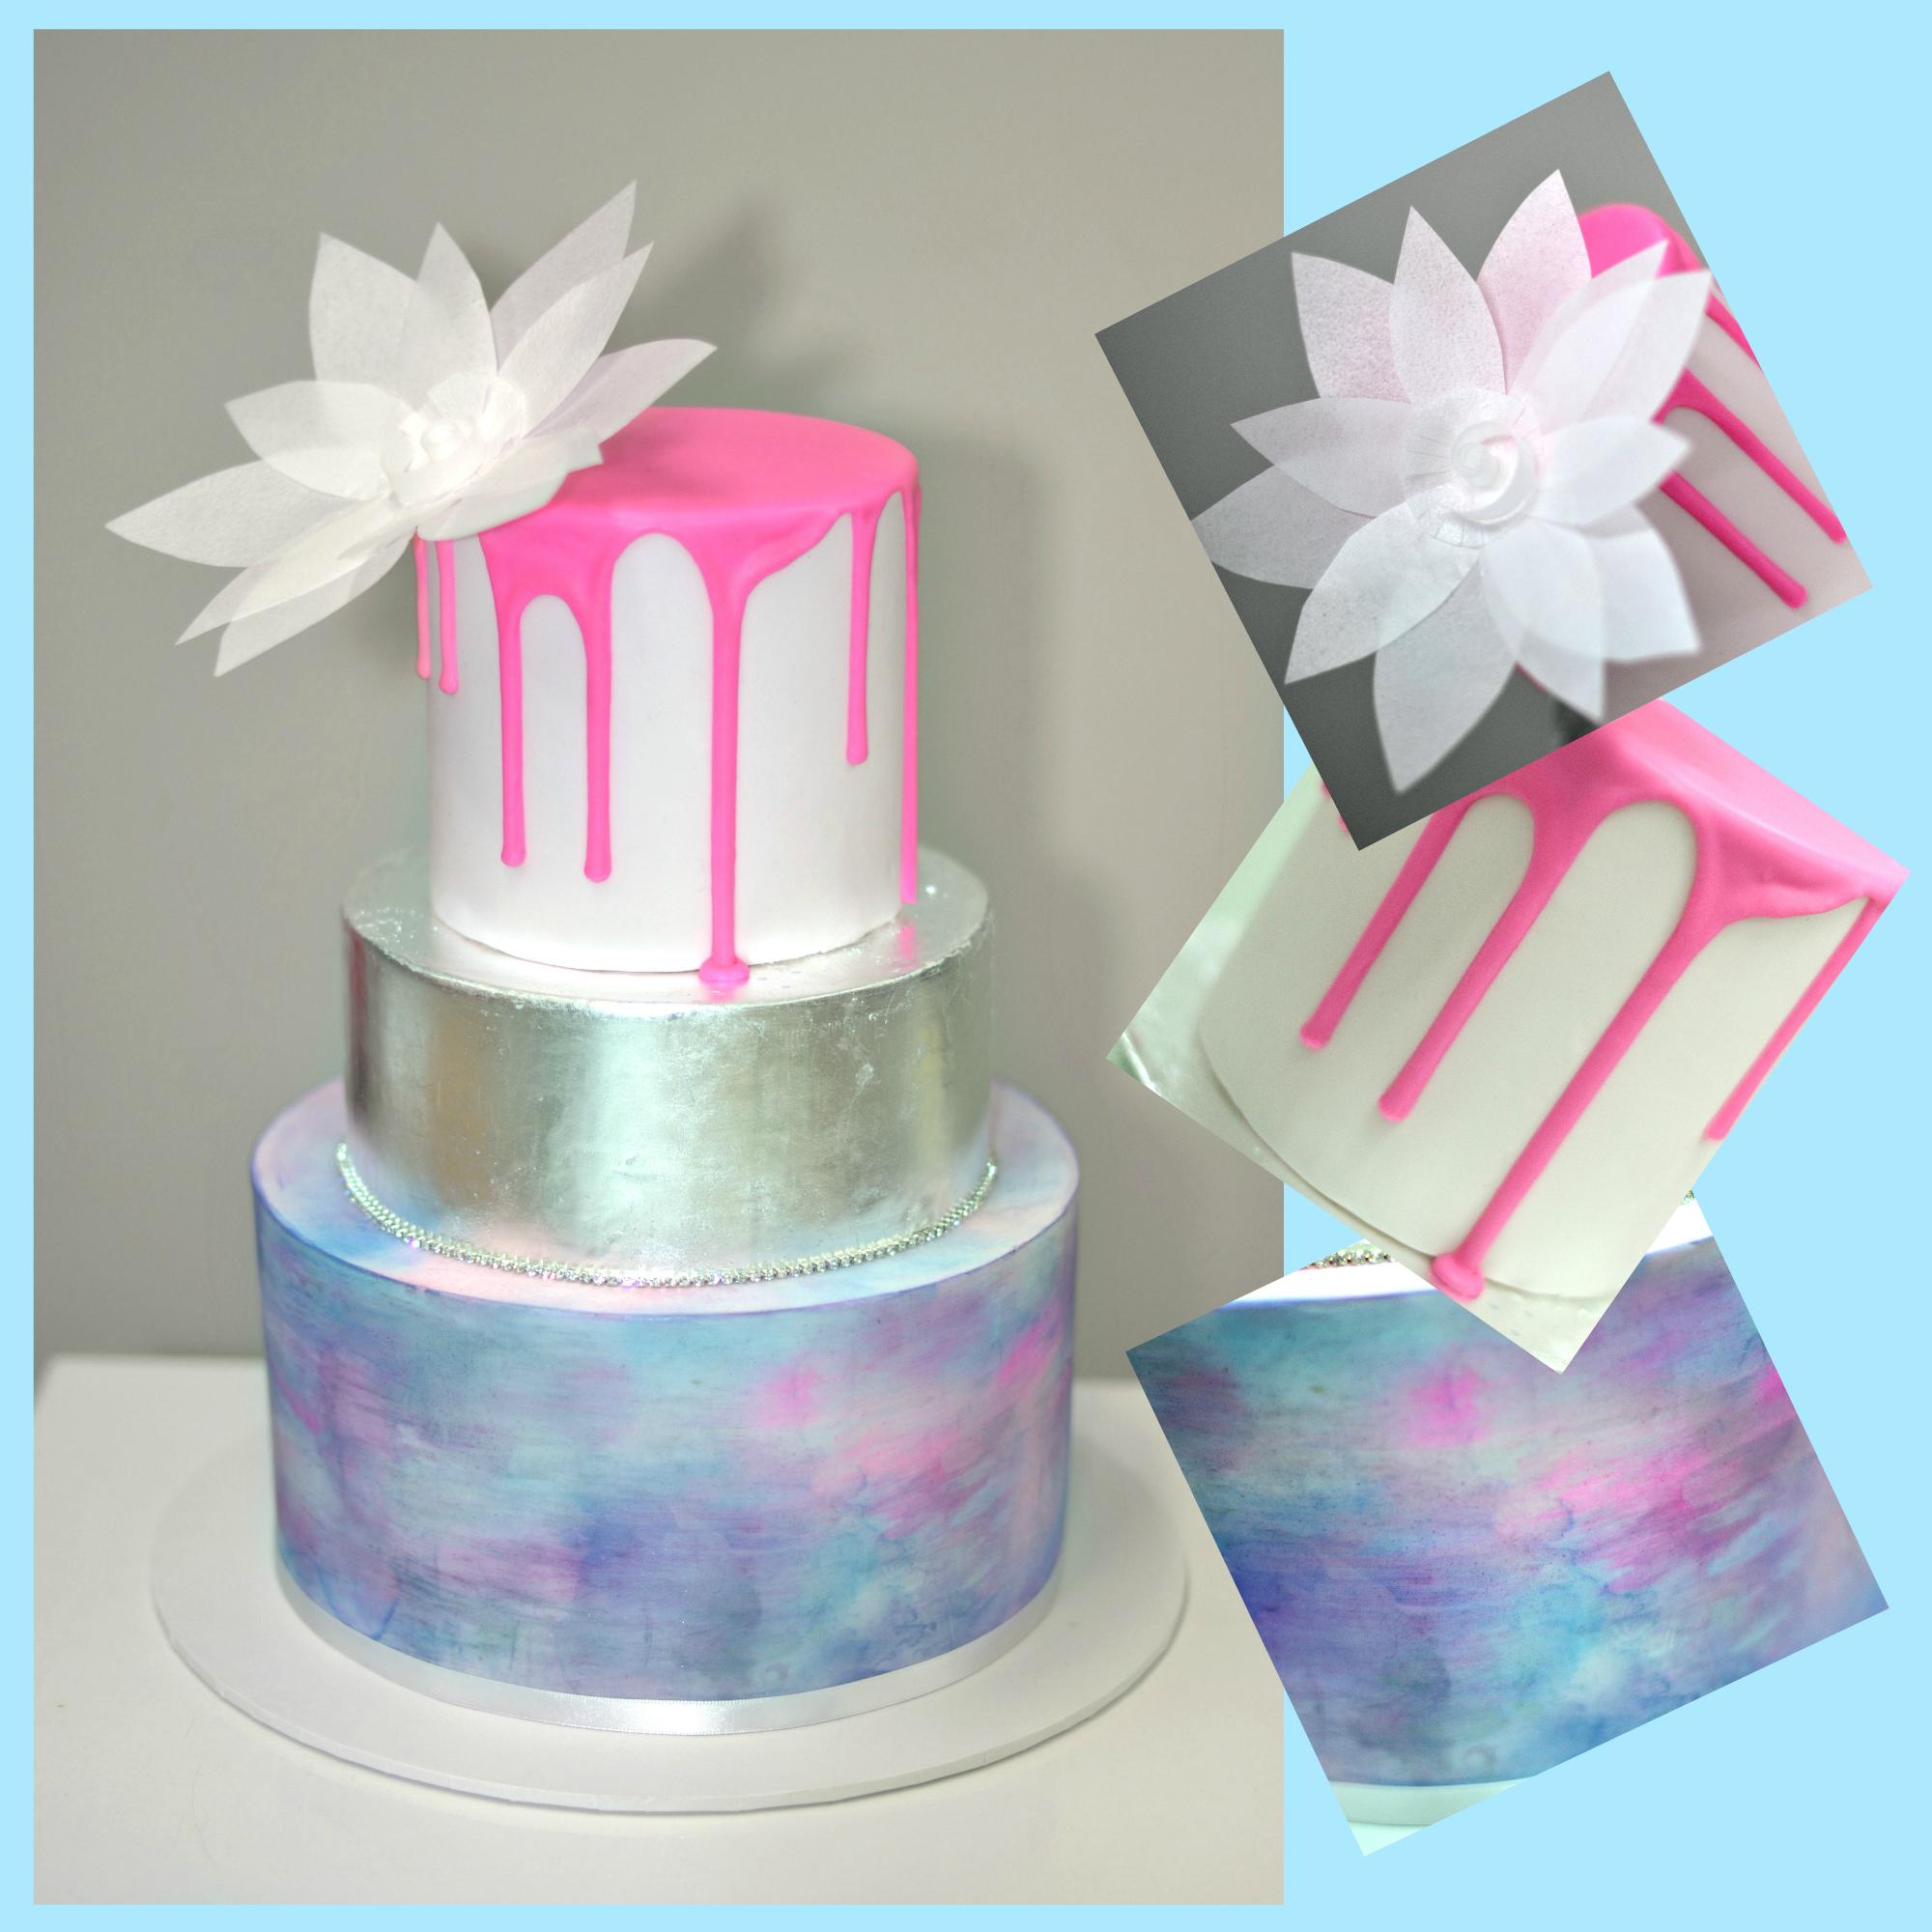 drip-cake.jpg